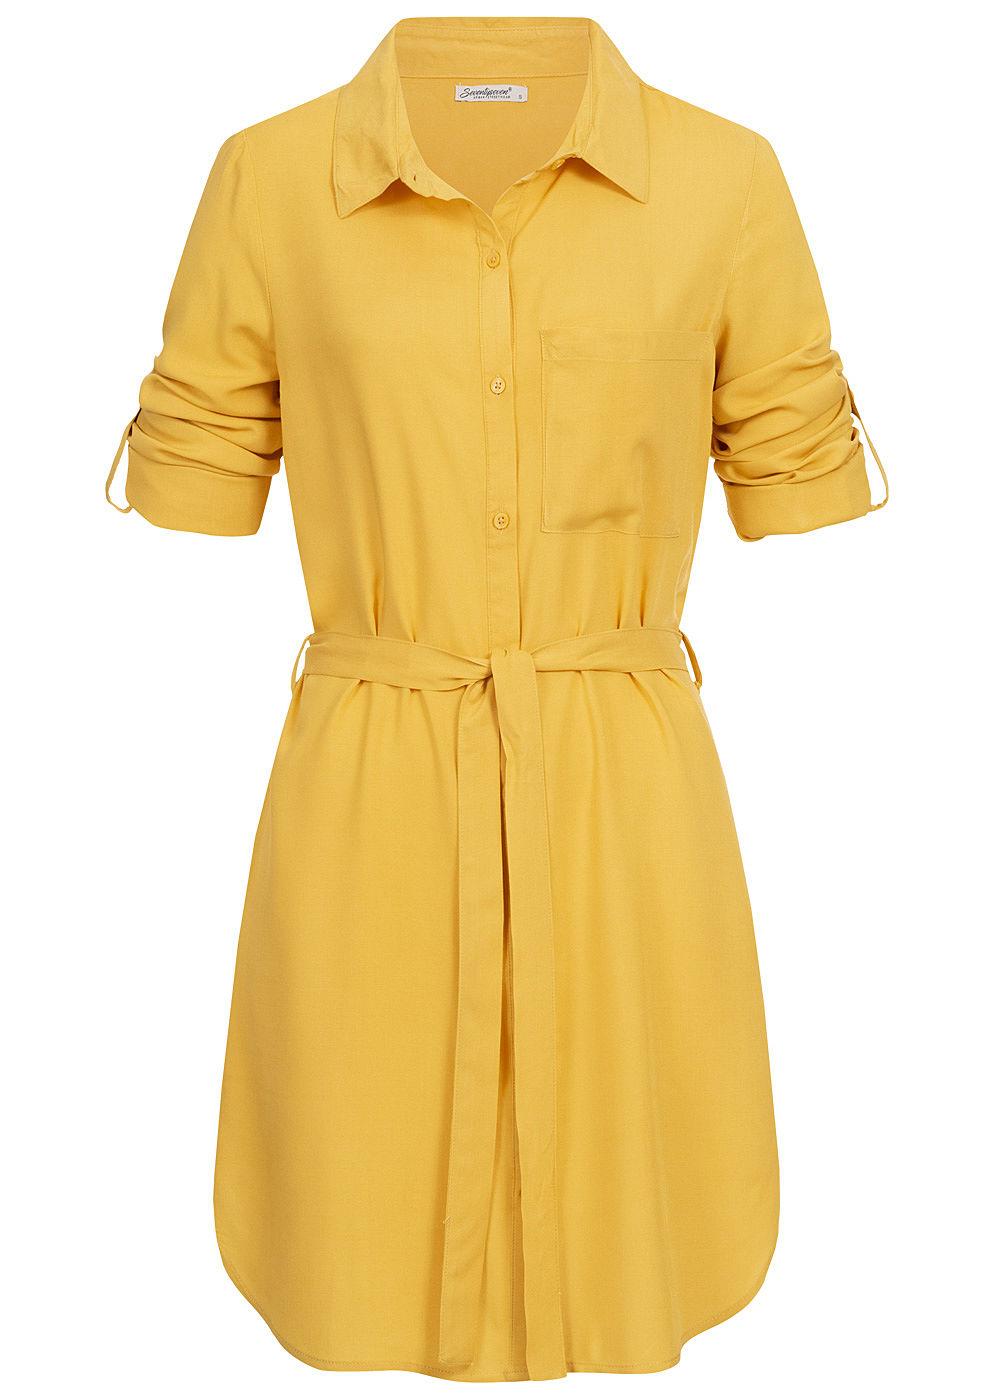 Seventyseven Lifestyle Damen Turn-Up Blusen Kleid ...